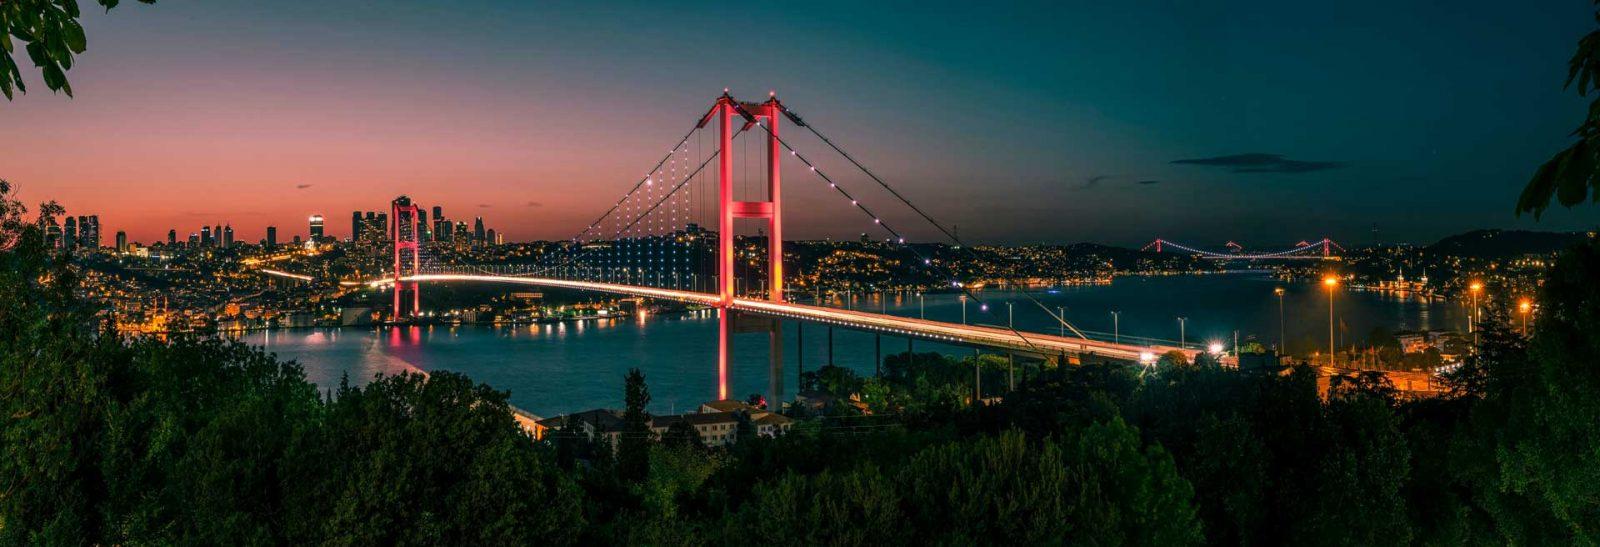 مزایای تحصیل و شرایط زندگی در ترکیه